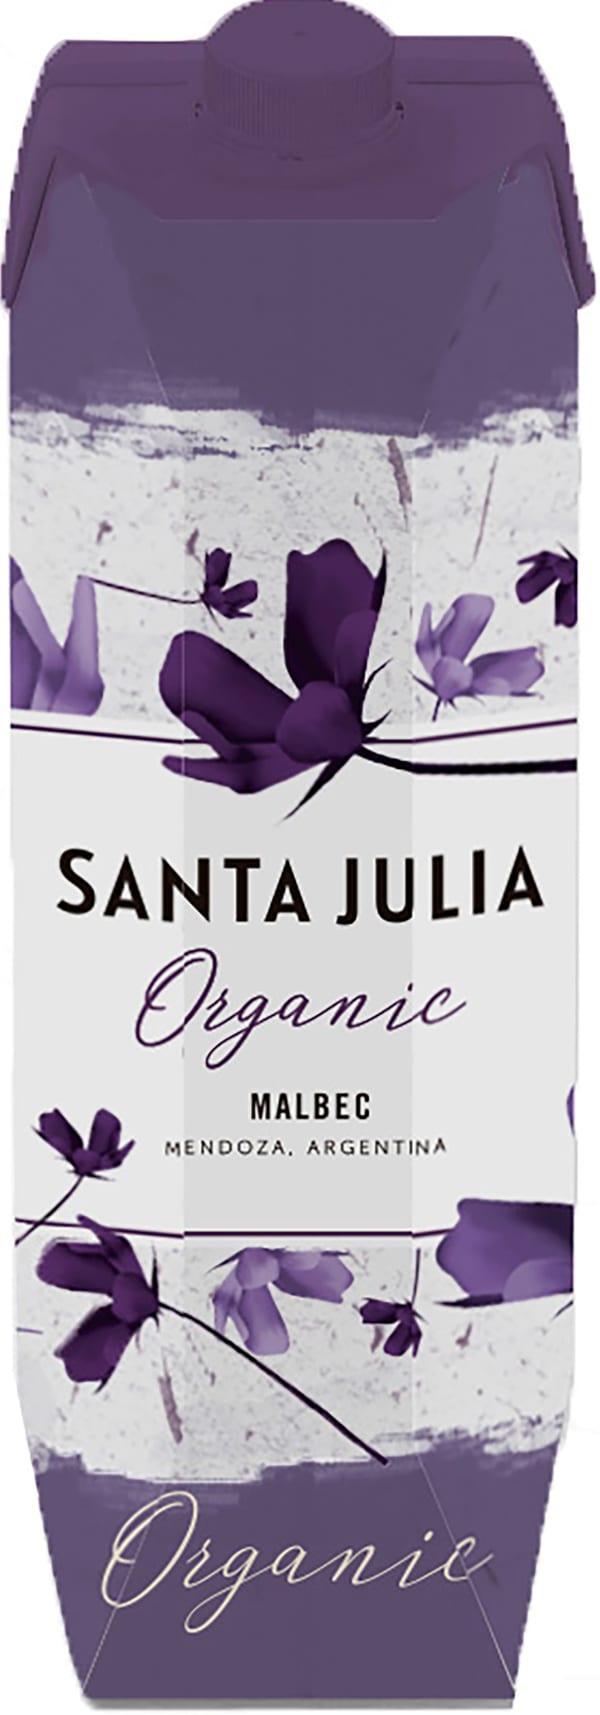 Santa Julia Organic Malbec 2020 kartongförpackning